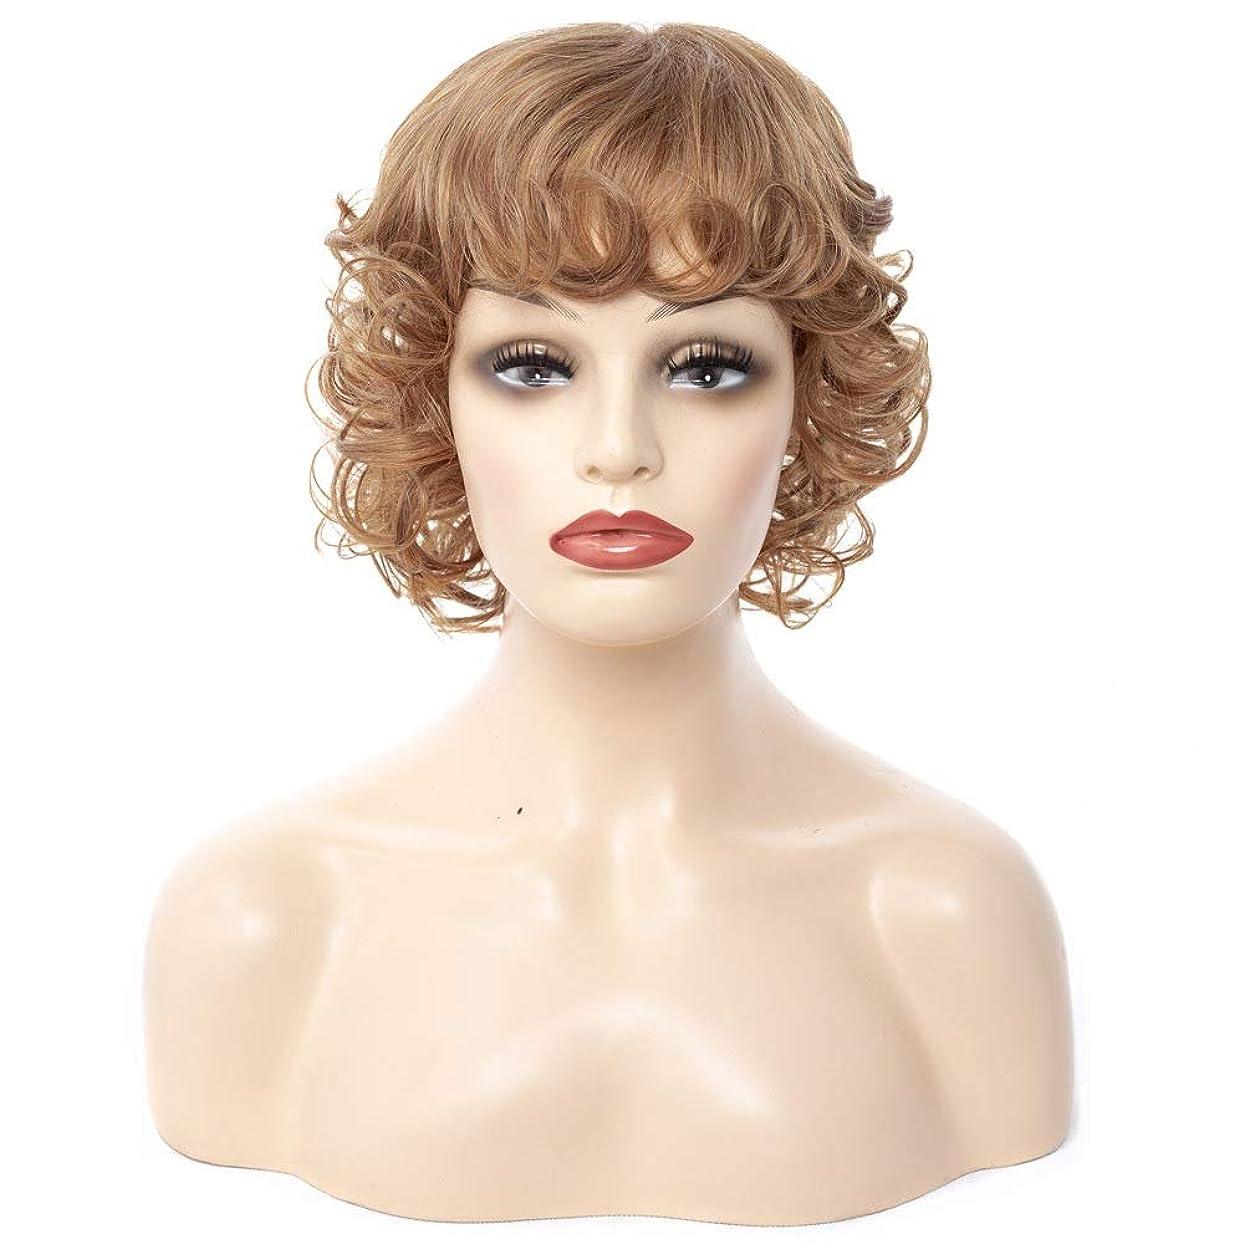 船酔いボード領収書YAHONGOE 女性用ショートウィッグヘアスタイリングフルウェーブカーリーヘアブロンドレディースウィッグパーティーウィッグ (色 : Blonde, サイズ : 30cm)